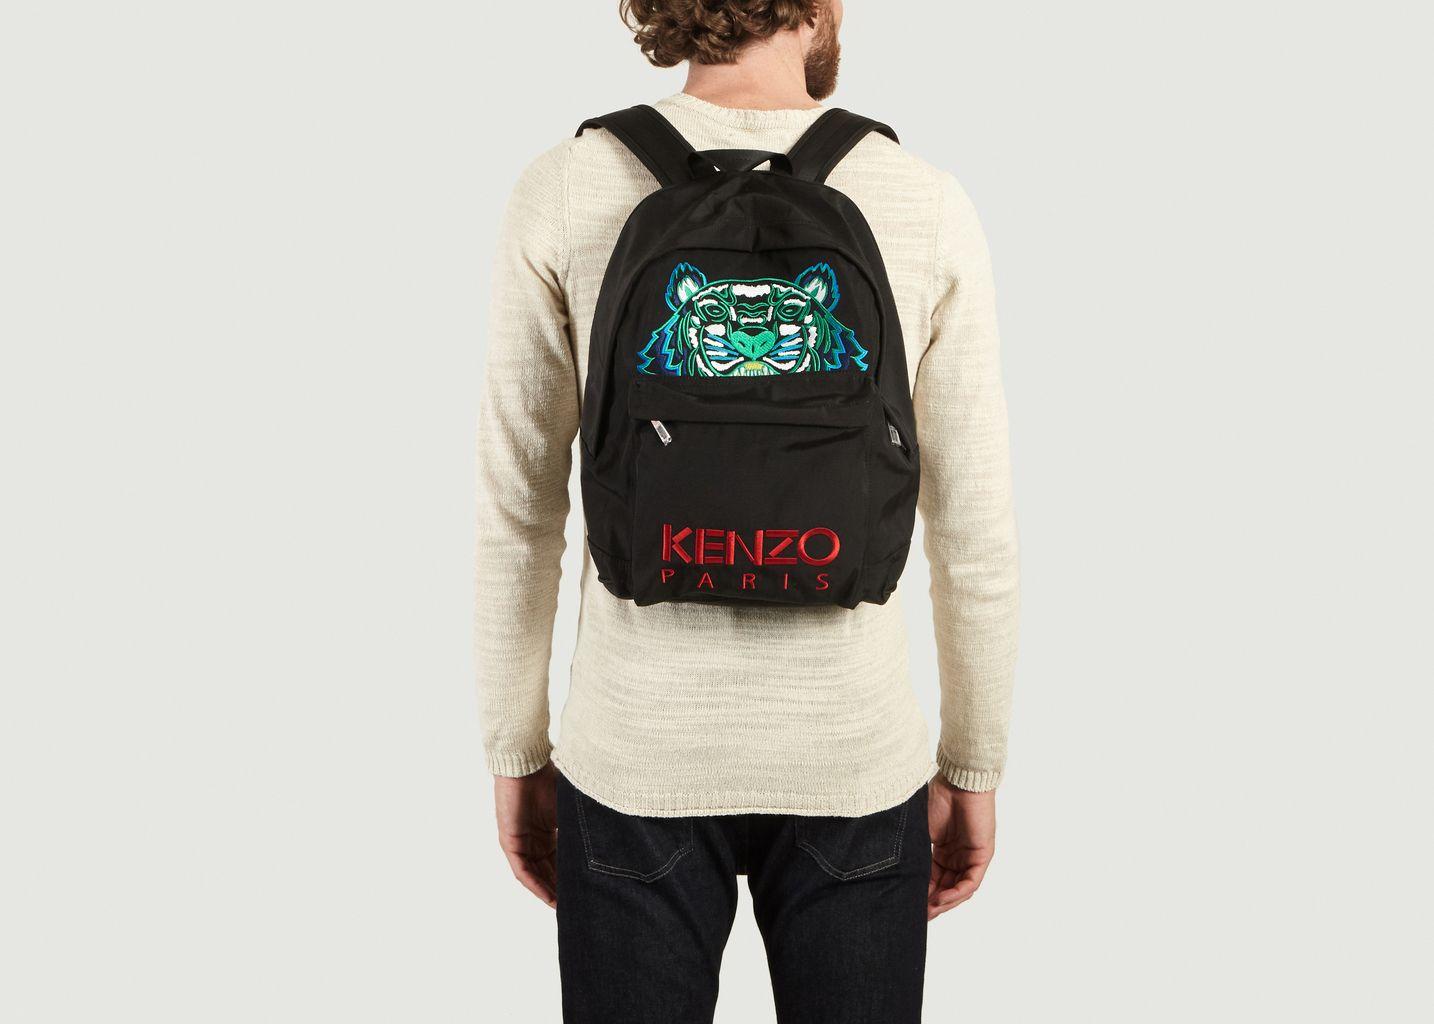 Sac A Dos Tigre Logotypé - Kenzo